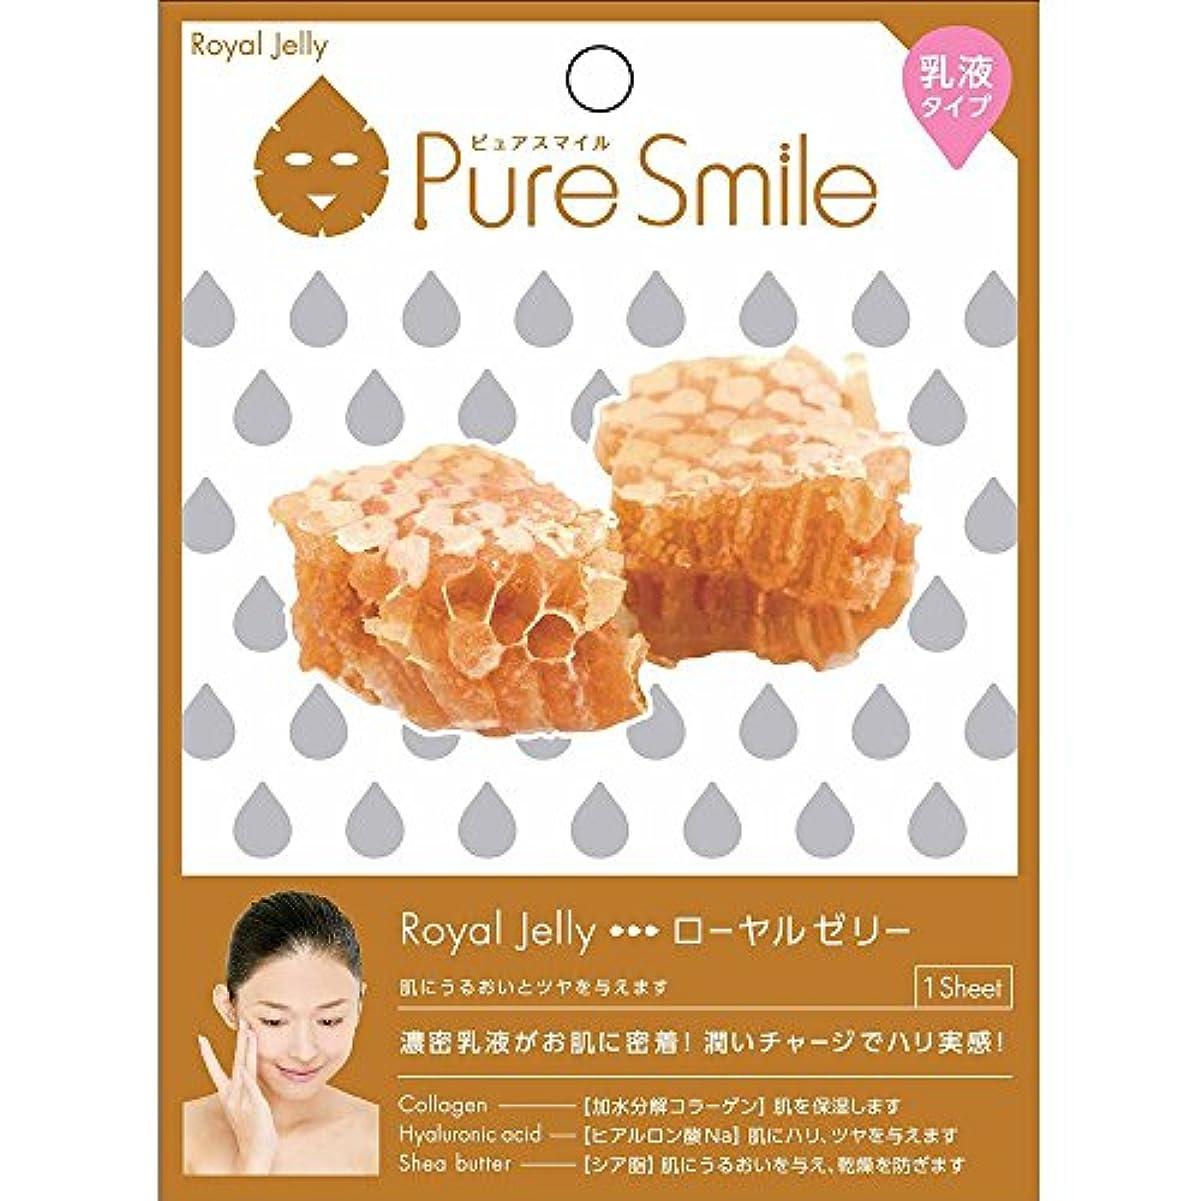 一次ローマ人薬局Pure Smile(ピュアスマイル) 乳液エッセンスマスク 1 枚 ローヤルゼリー